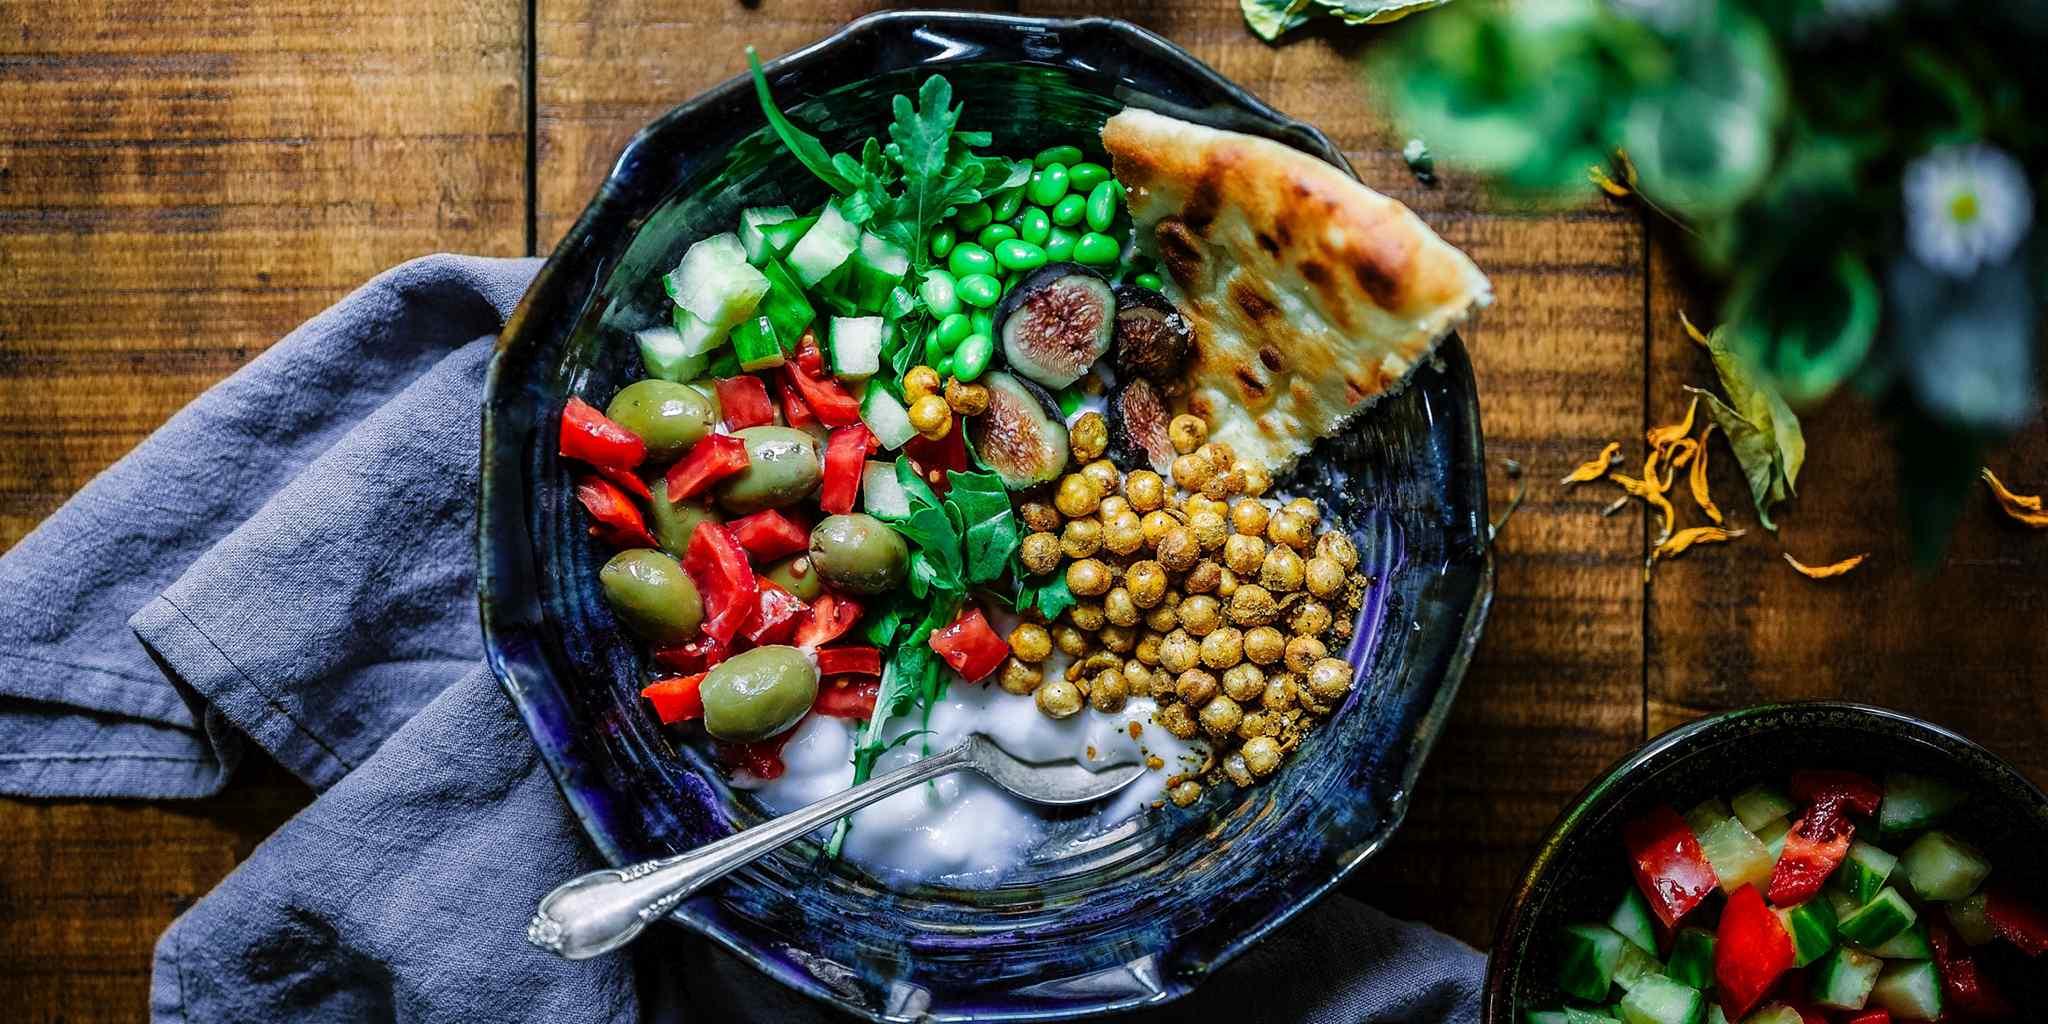 Gastronomie, Speisen, Umsatzsteuer, Umsatzsteuersatz: Gastronomie: Mehrwertsteuer auf Speisen bleibt bis Ende 2022 bei 7 %